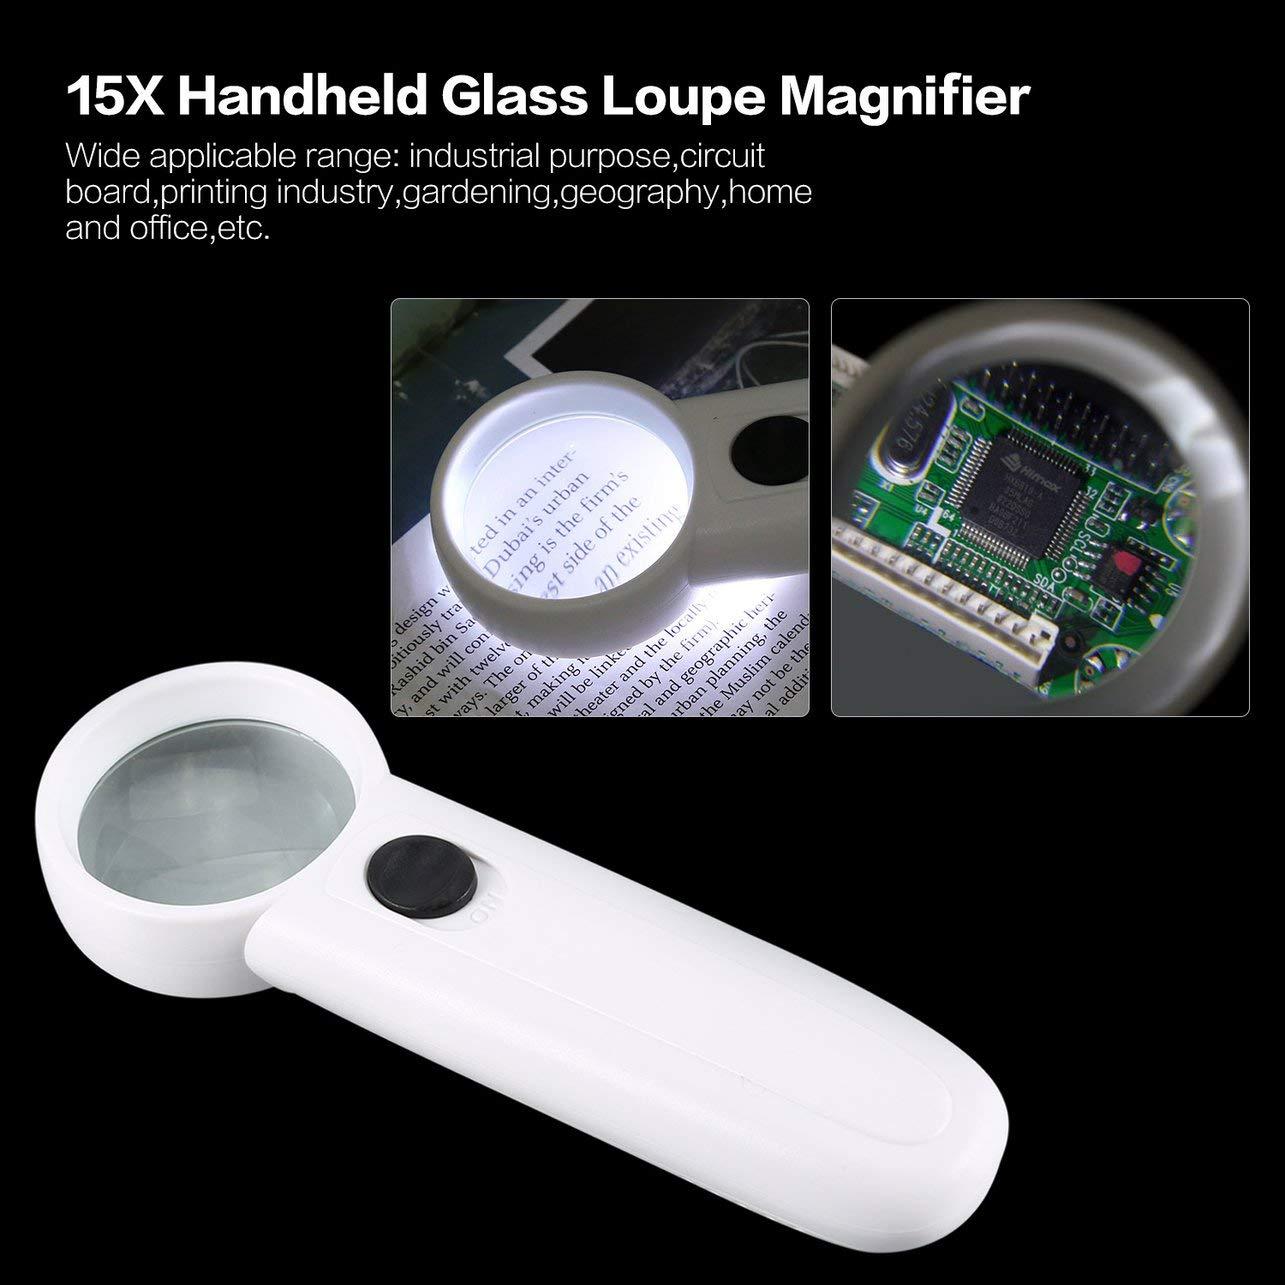 WOSOSYEYO 15X Lupa Lupa de Cristal de Mano Lupa de Vidrio Port/átil Herramienta de Bolsillo Profesional con Dos Luces LED